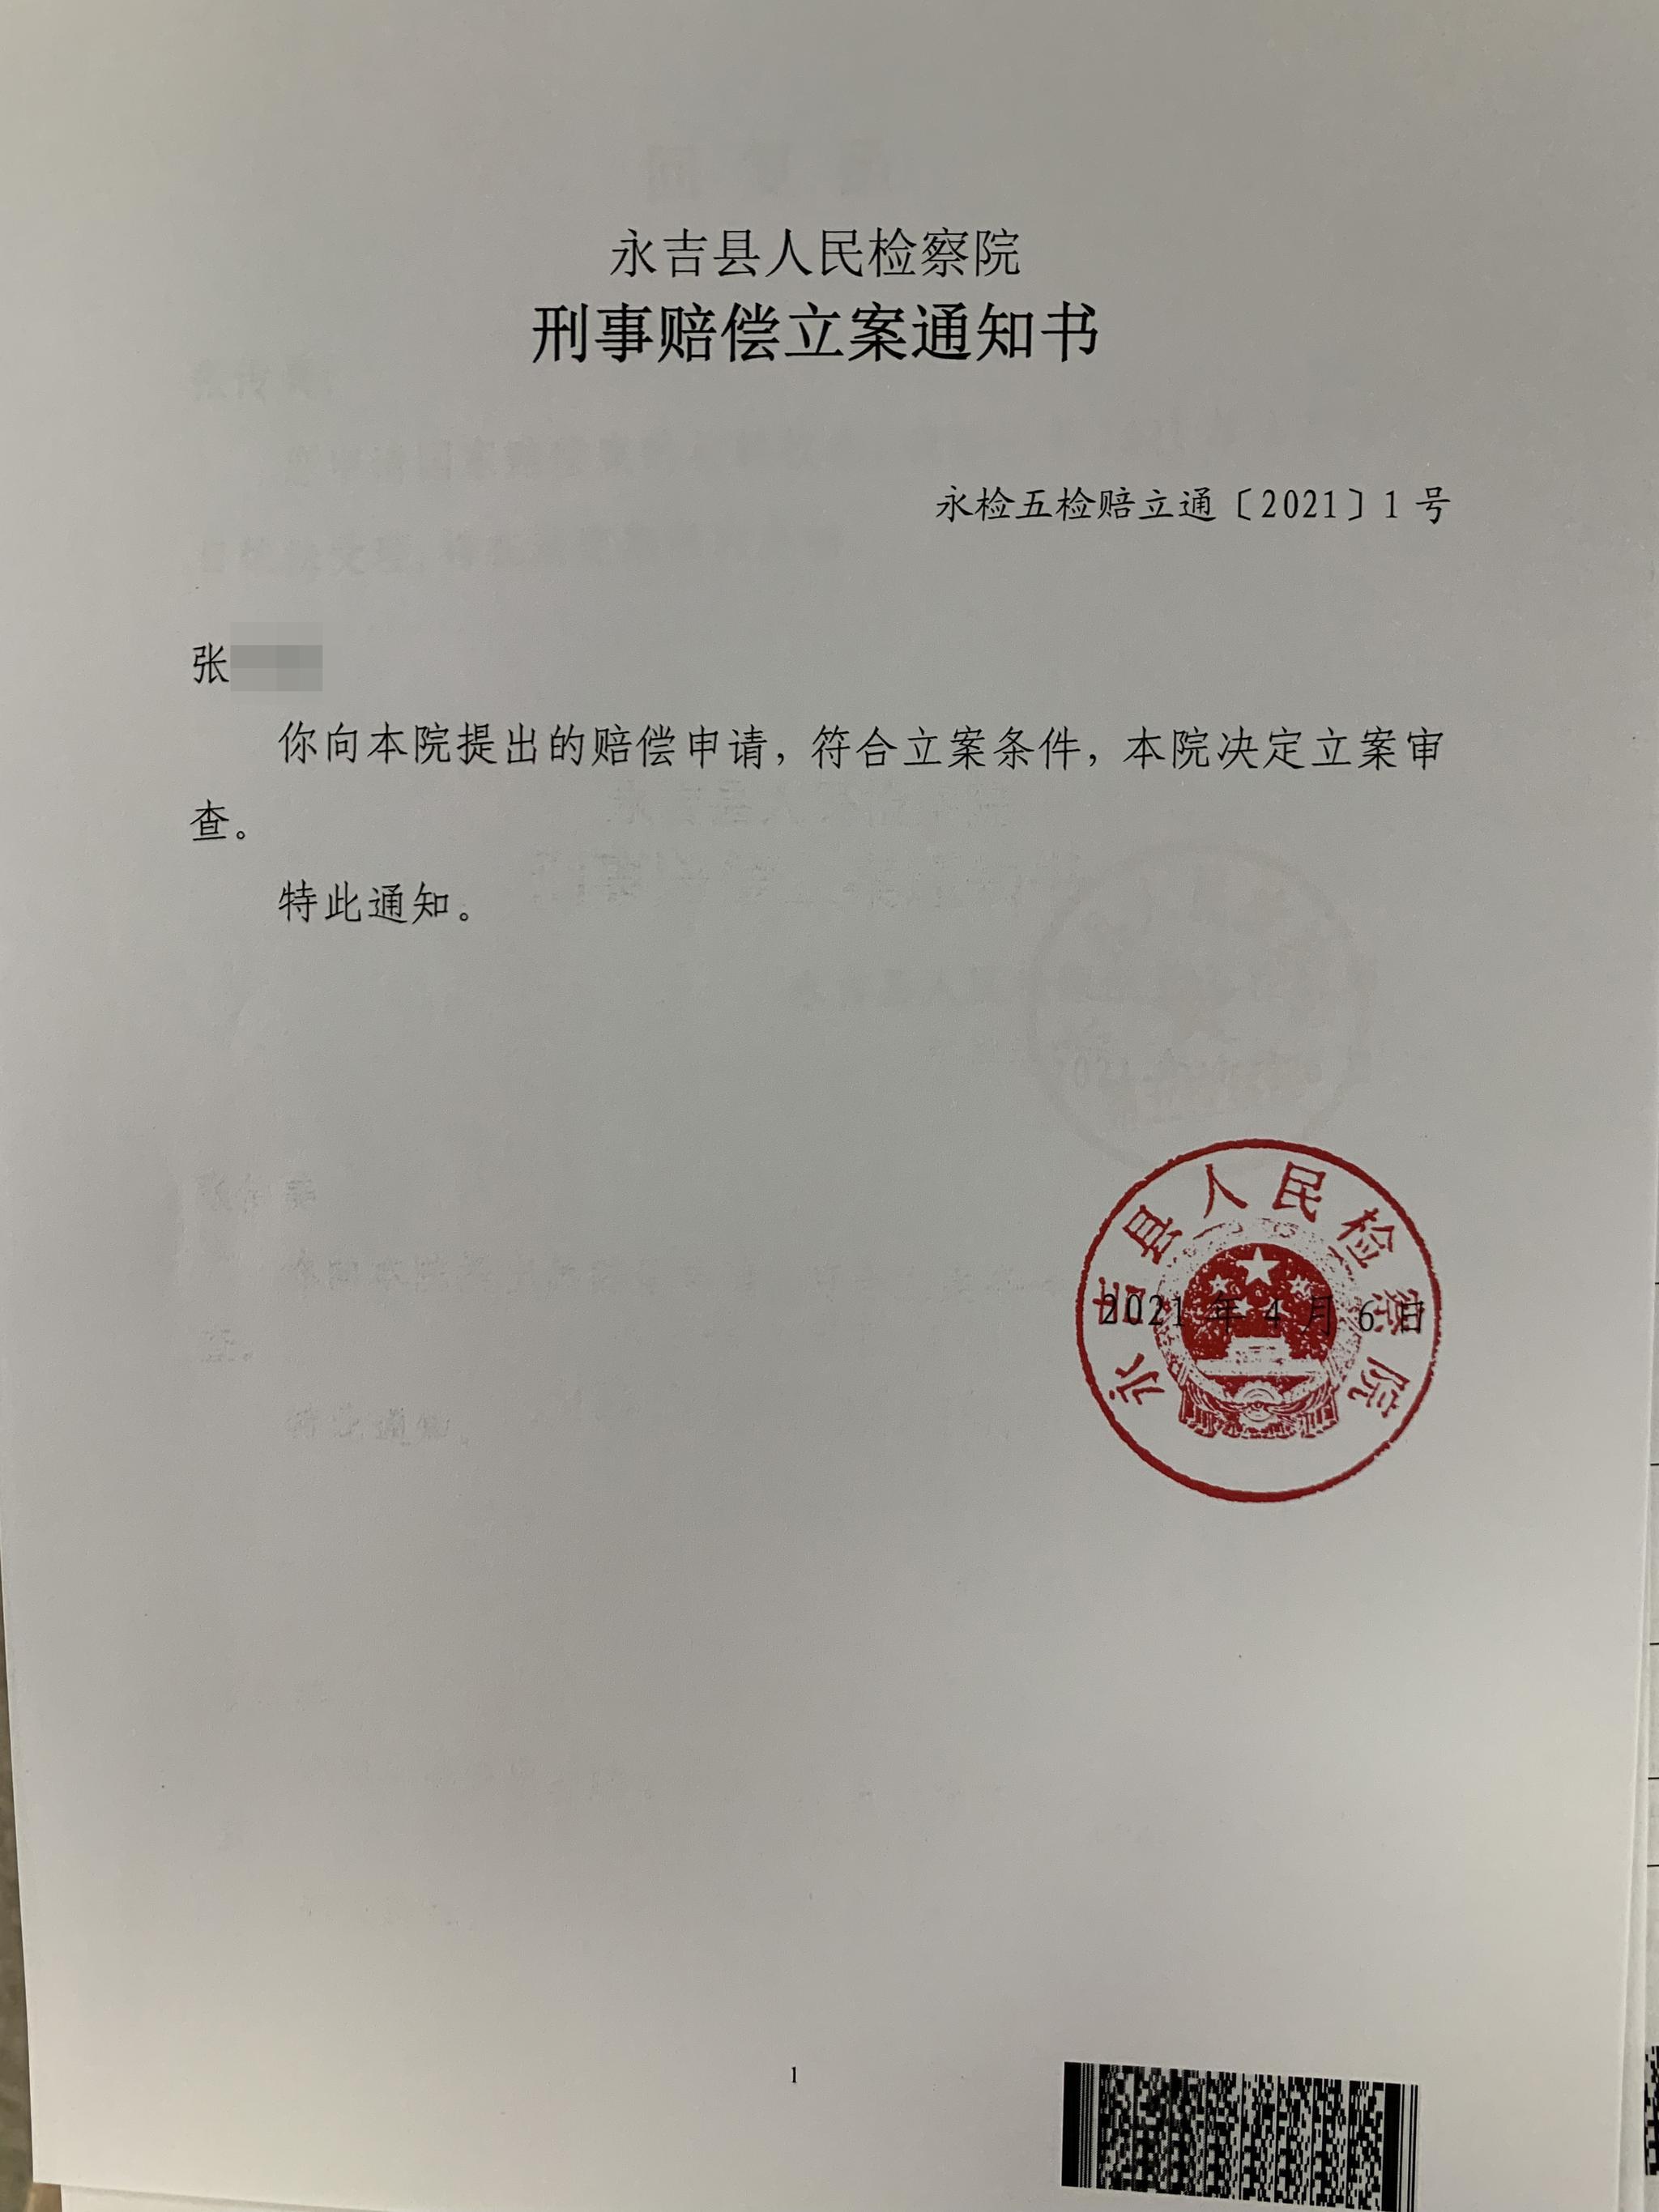 吉林女子被指诈骗遭关百余天后检方不起诉,申请国赔获立案图片